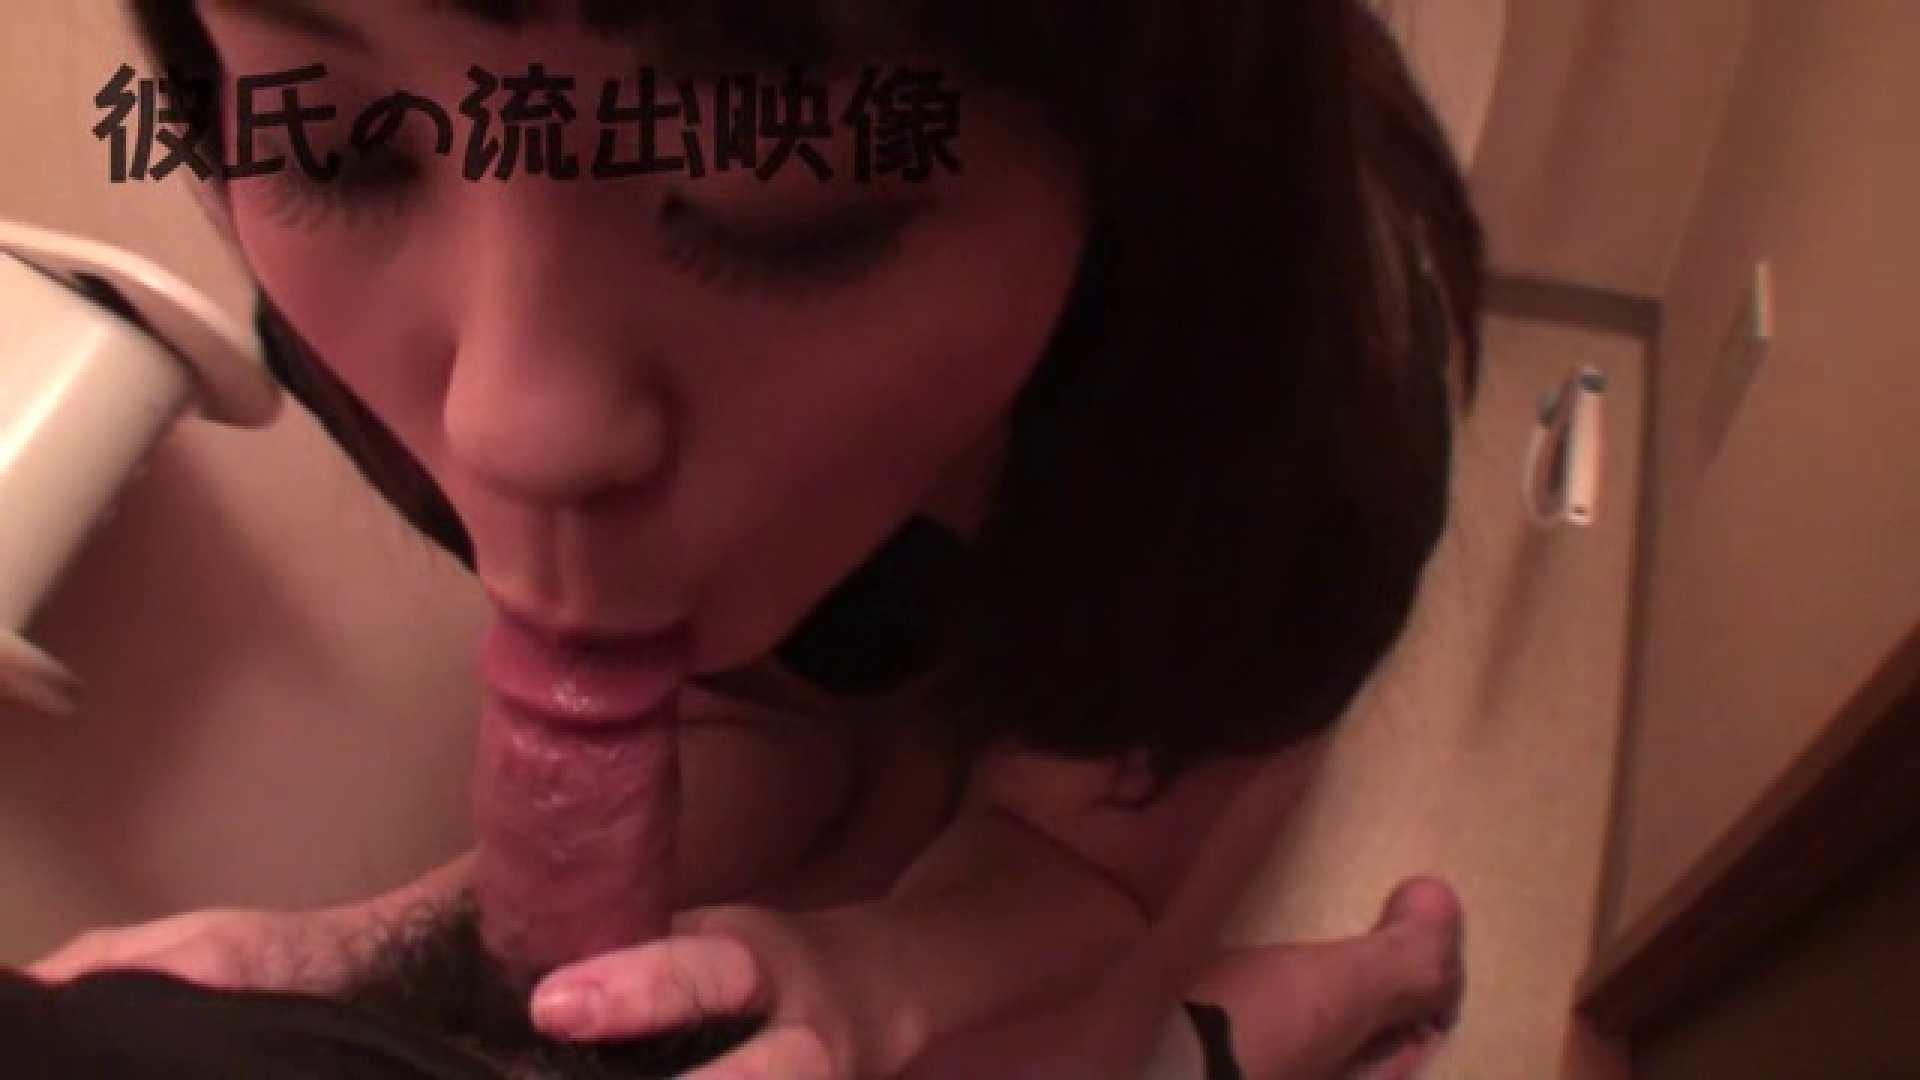 彼氏が流出 パイパン素人嬢のハメ撮り映像 SEX ヌード画像 90枚 33